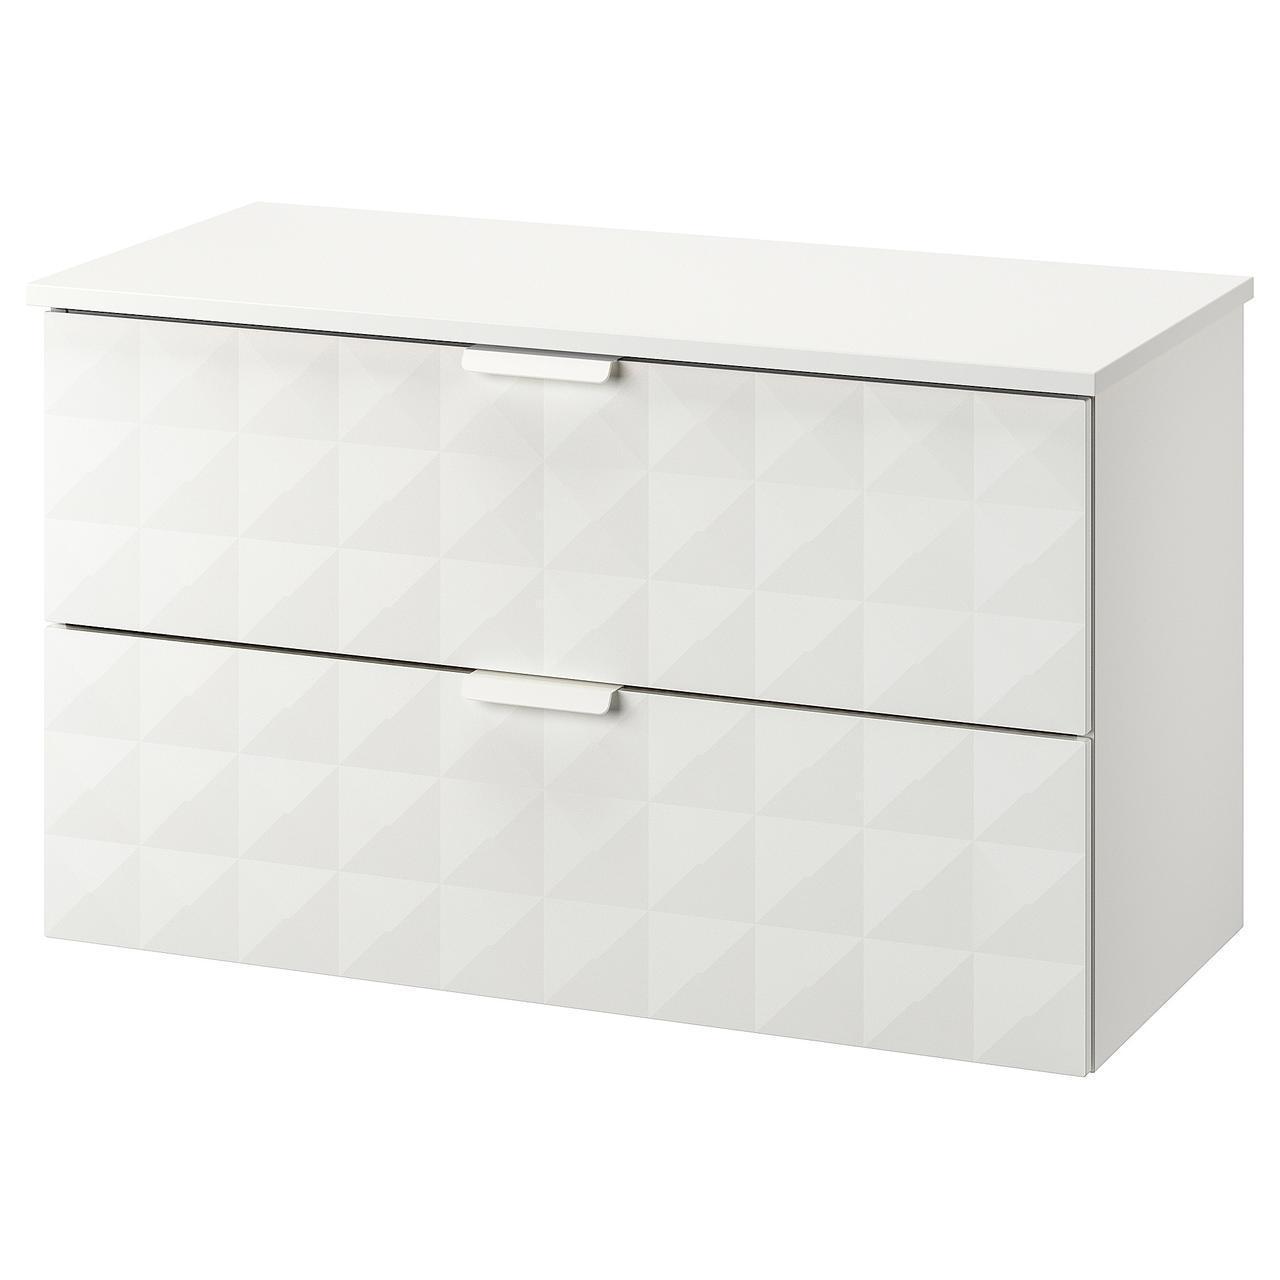 IKEA GODMORGON/TOLKEN Шкаф под умывальник со столешницей, Ресжöн белый, белый  (892.955.22)